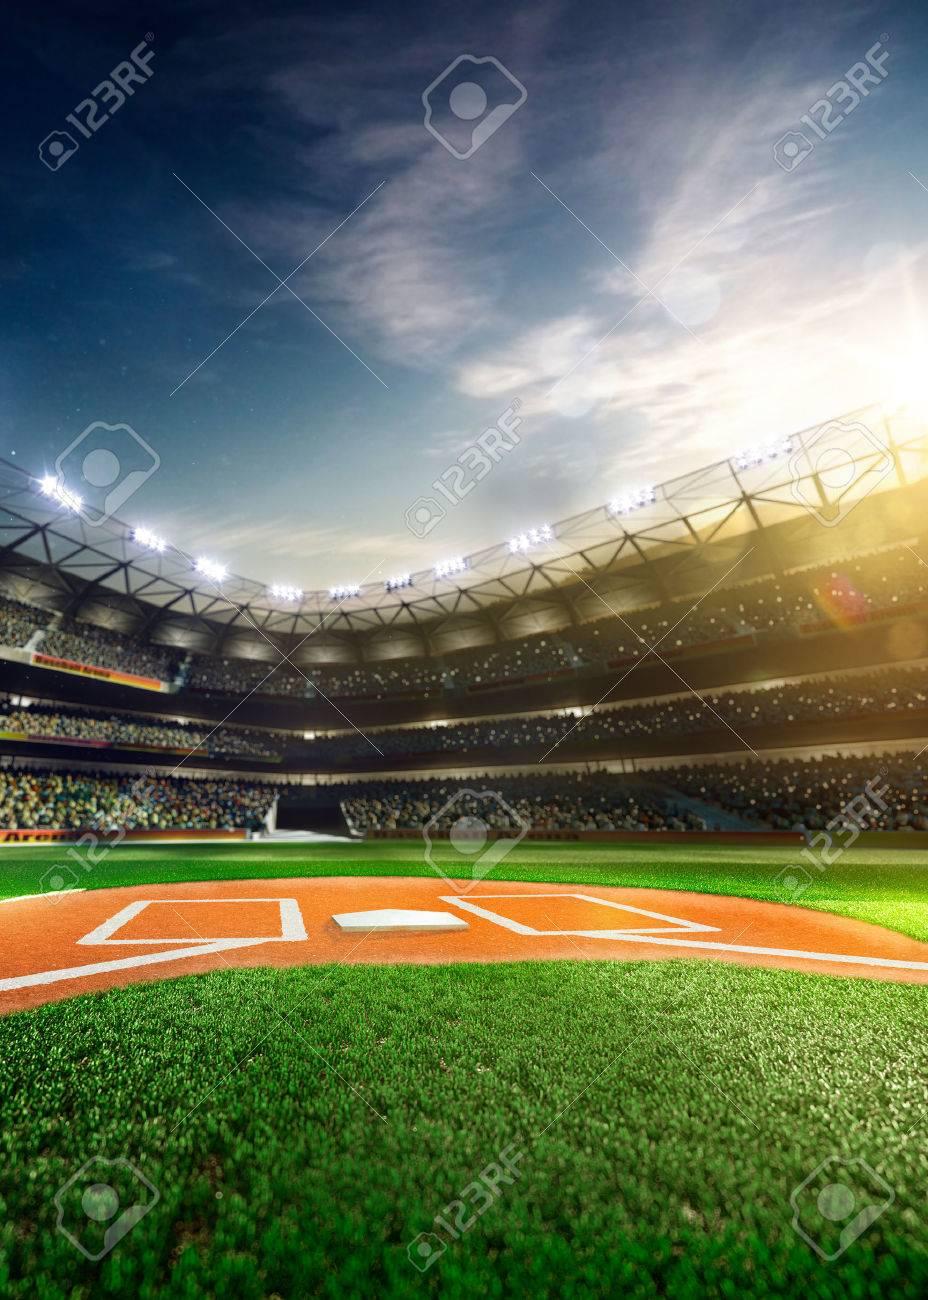 太陽の下でプロ野球グランド アリーナ の写真素材・画像素材 Image ...